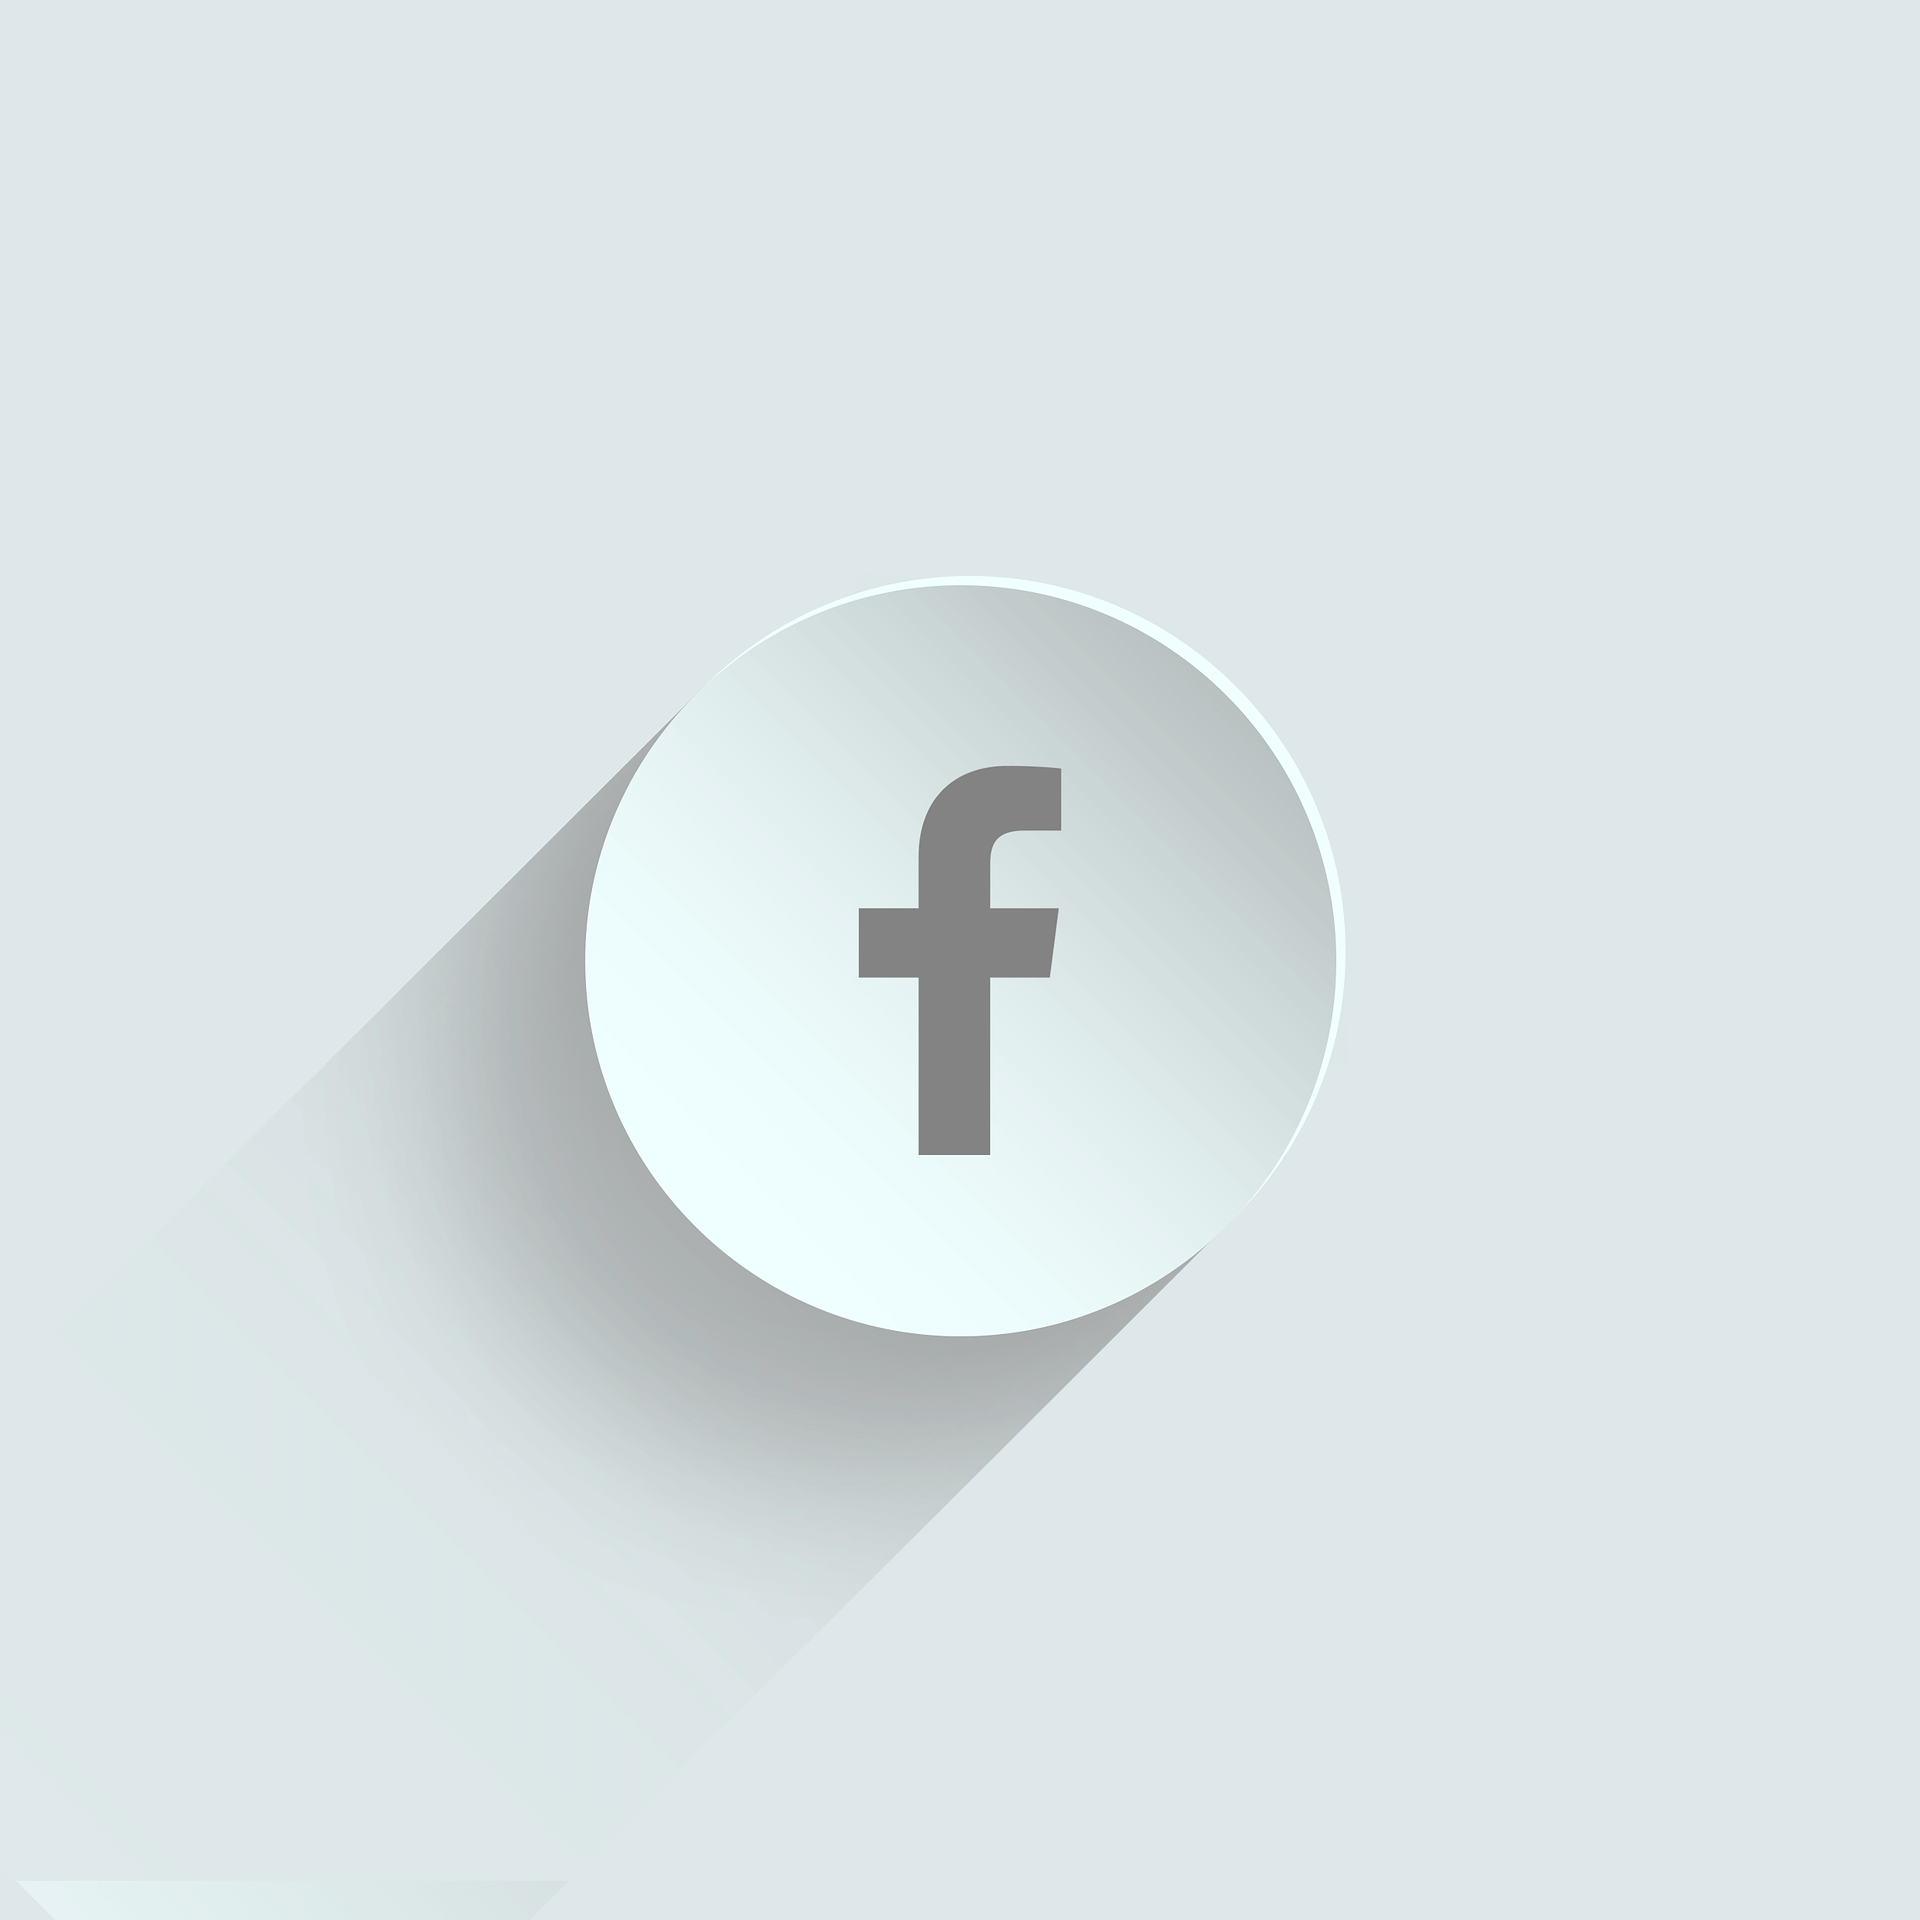 פייסבוק ממומן הנדסאפ